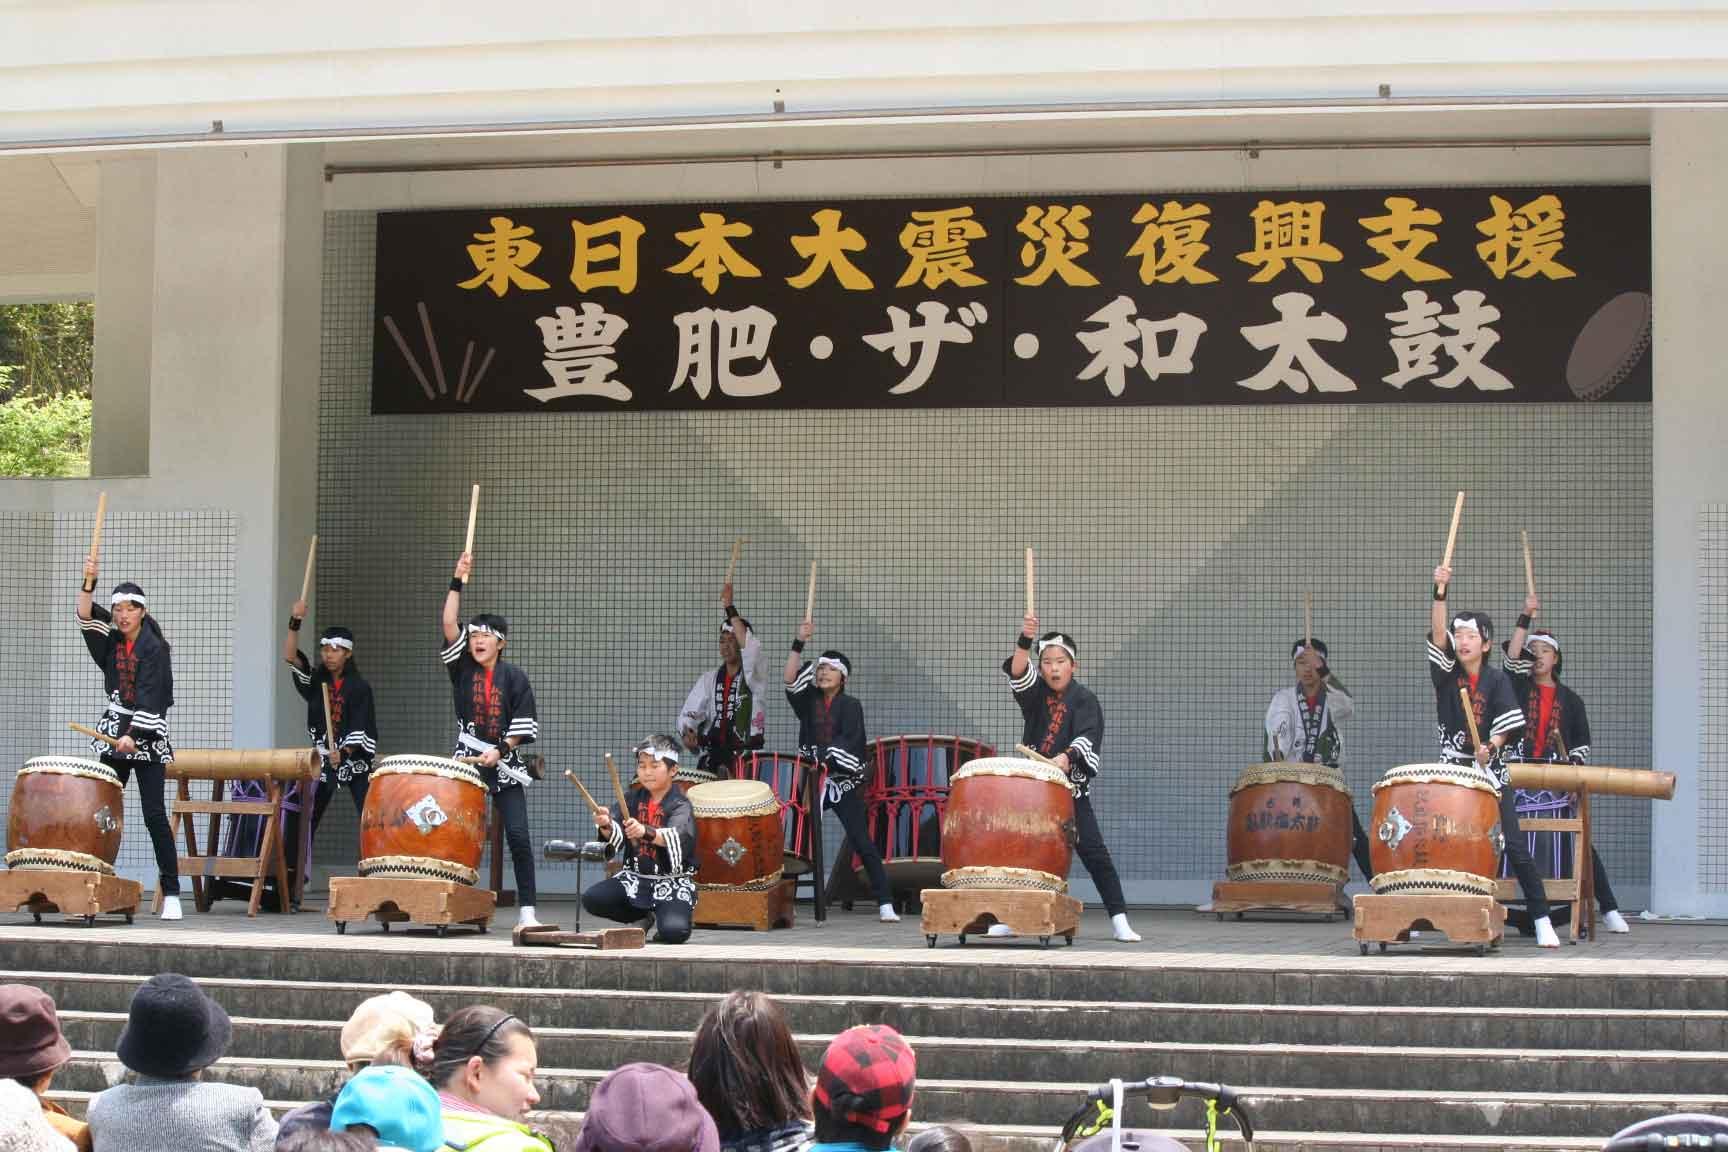 豊肥ザ和太鼓・チャリティー公演の巻_b0133254_223031.jpg